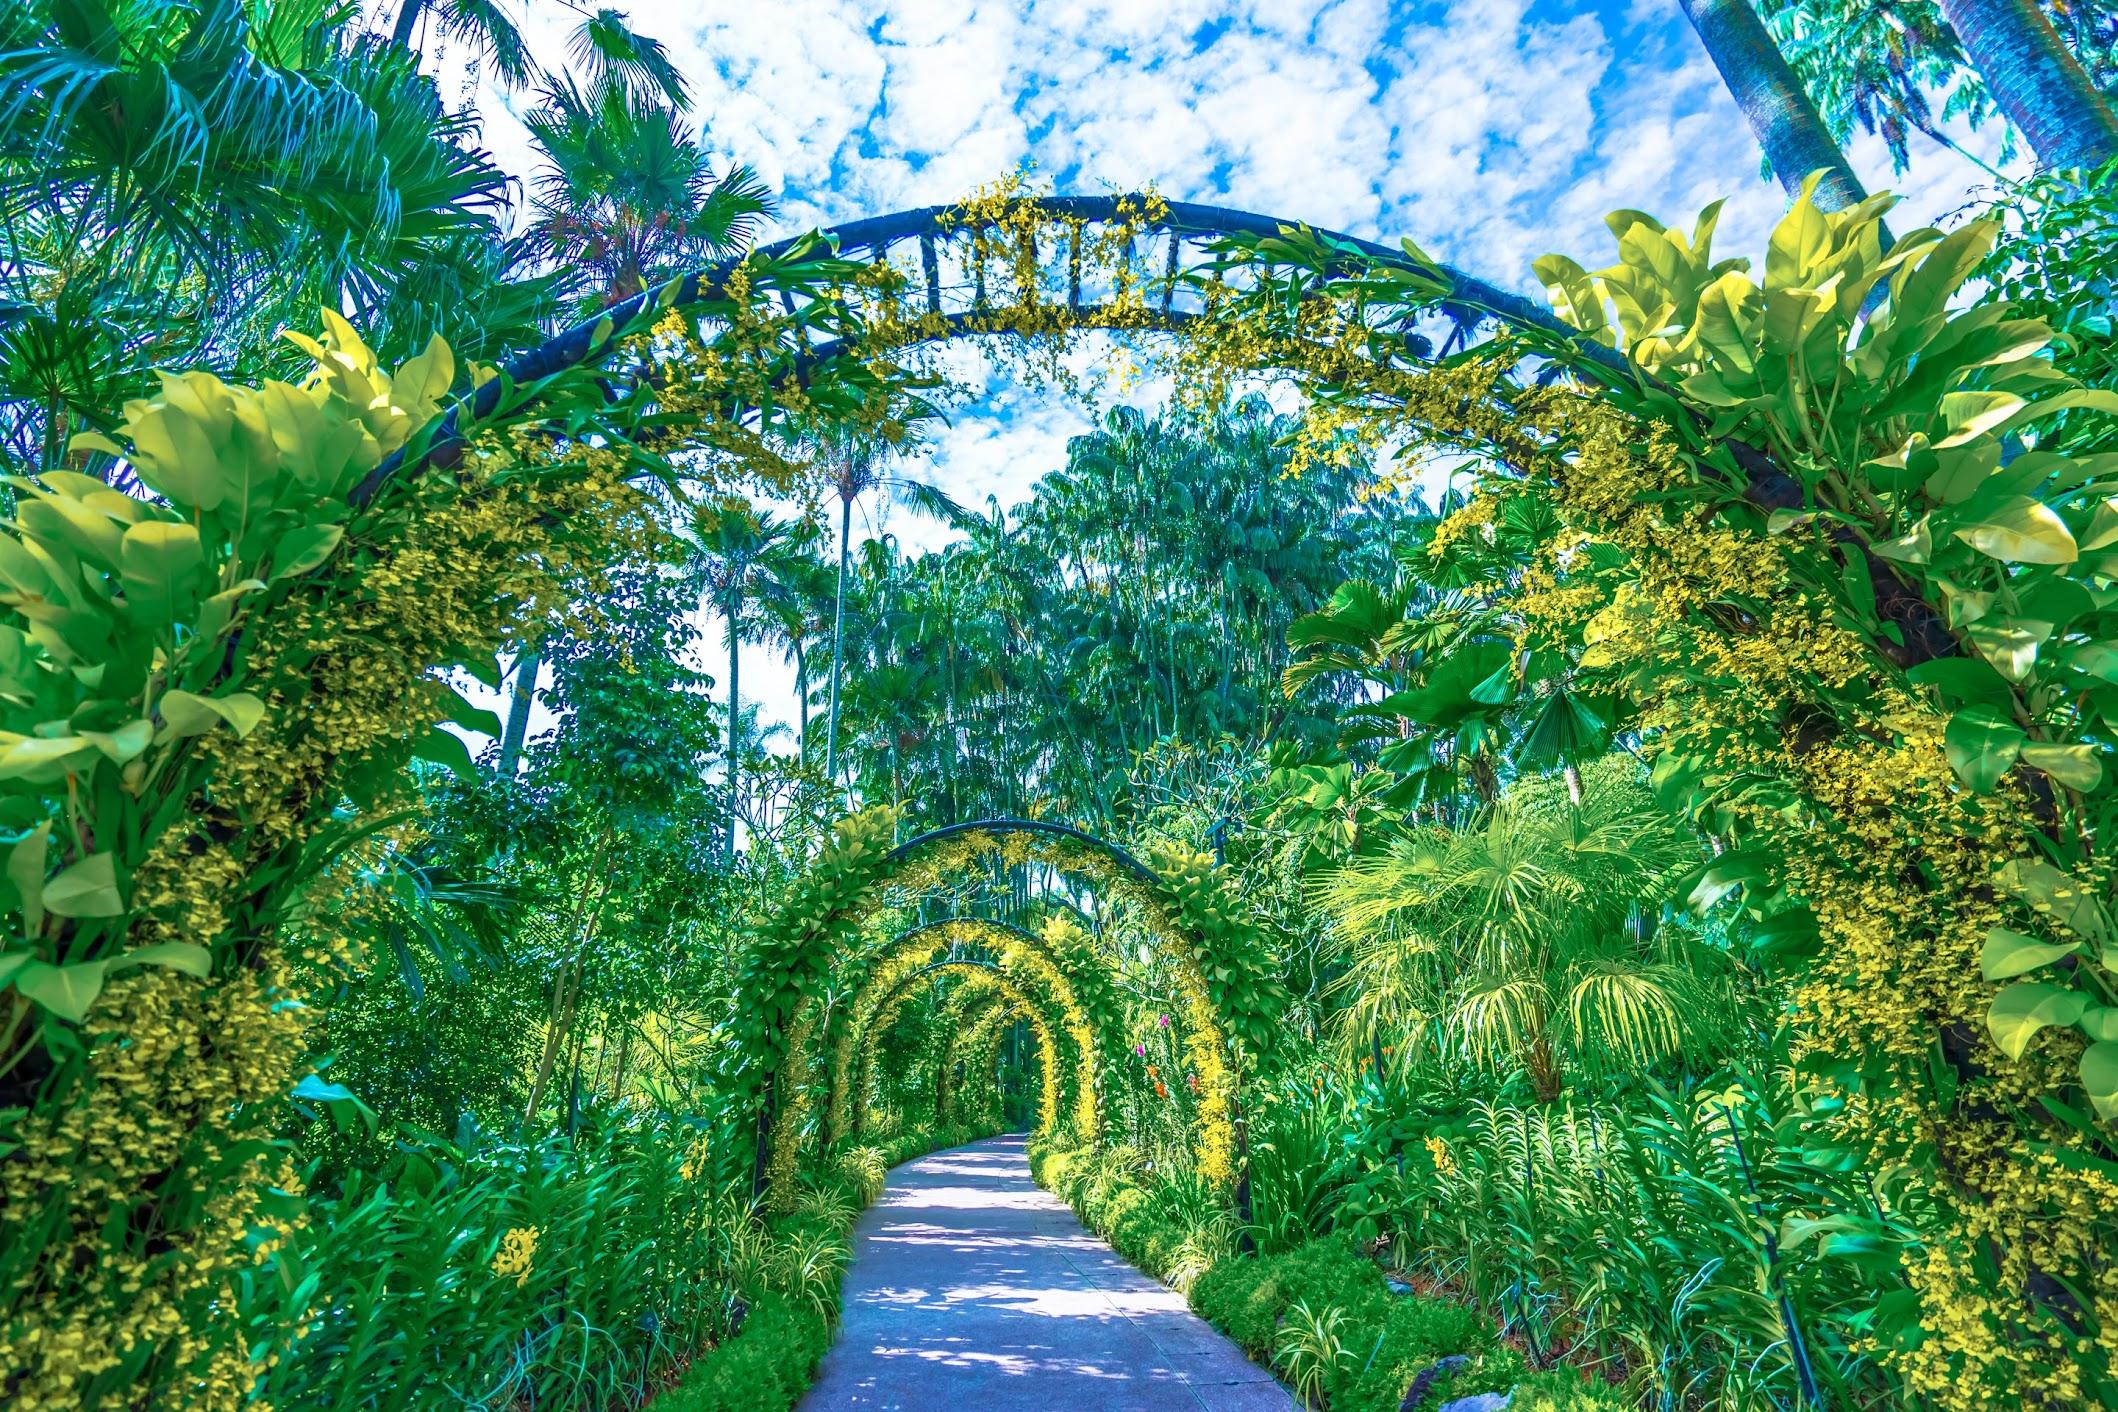 シンガポール植物園(ボタニック・ガーデン) ナショナル・オーキッド・ガーデン(国立ラン園)4